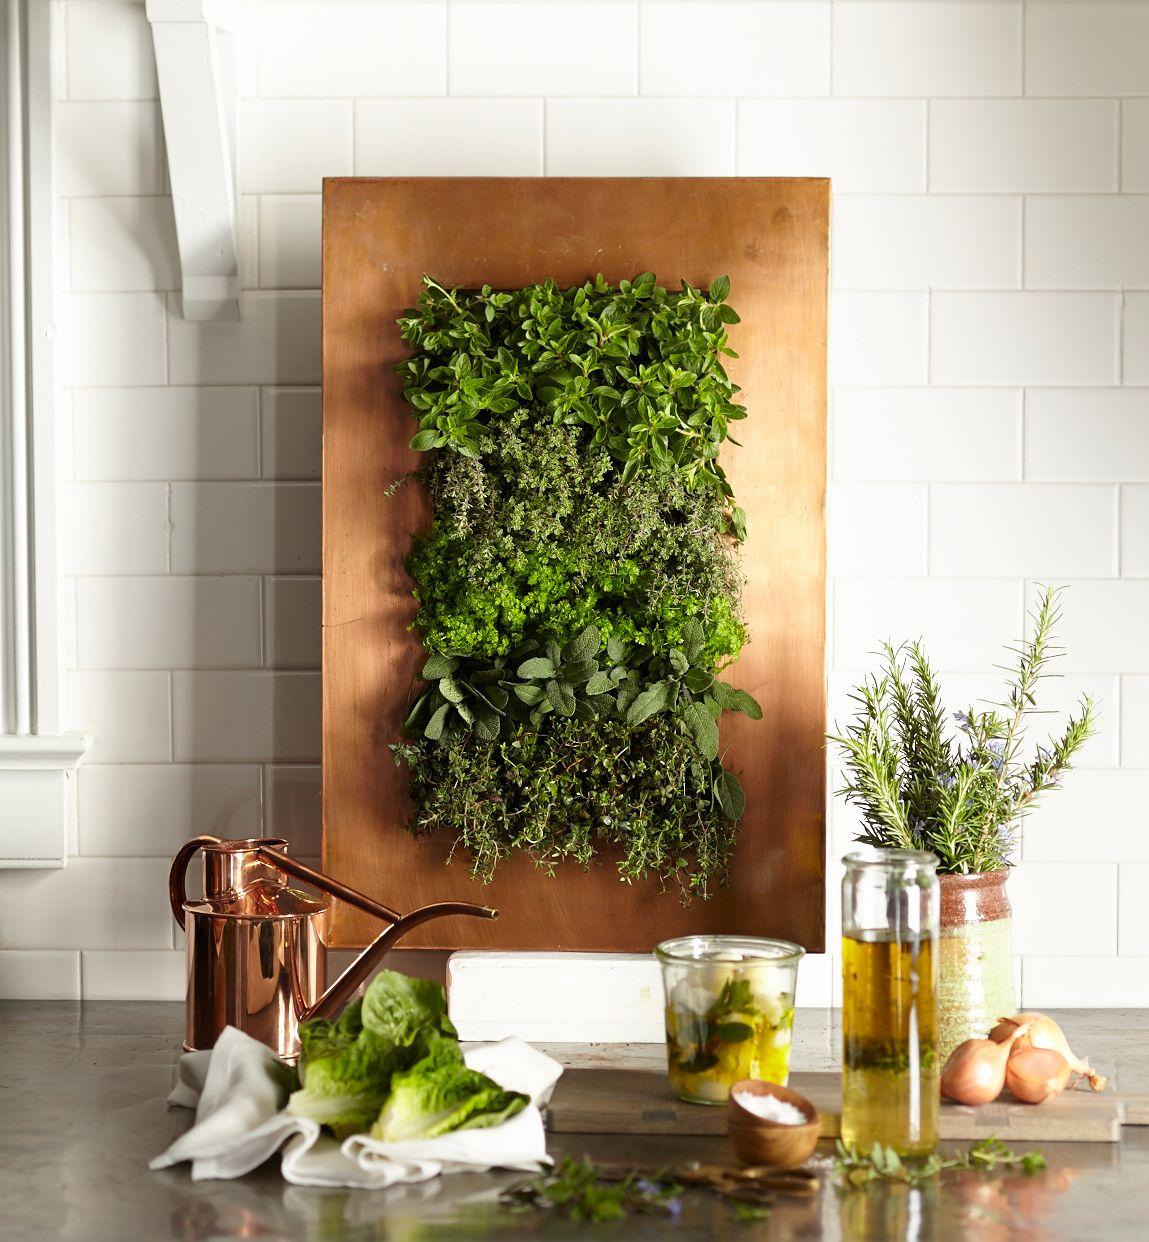 Kitchen Bench Herb Garden: A Copper (modern) Contemporary Herb Garden For The Kitchen